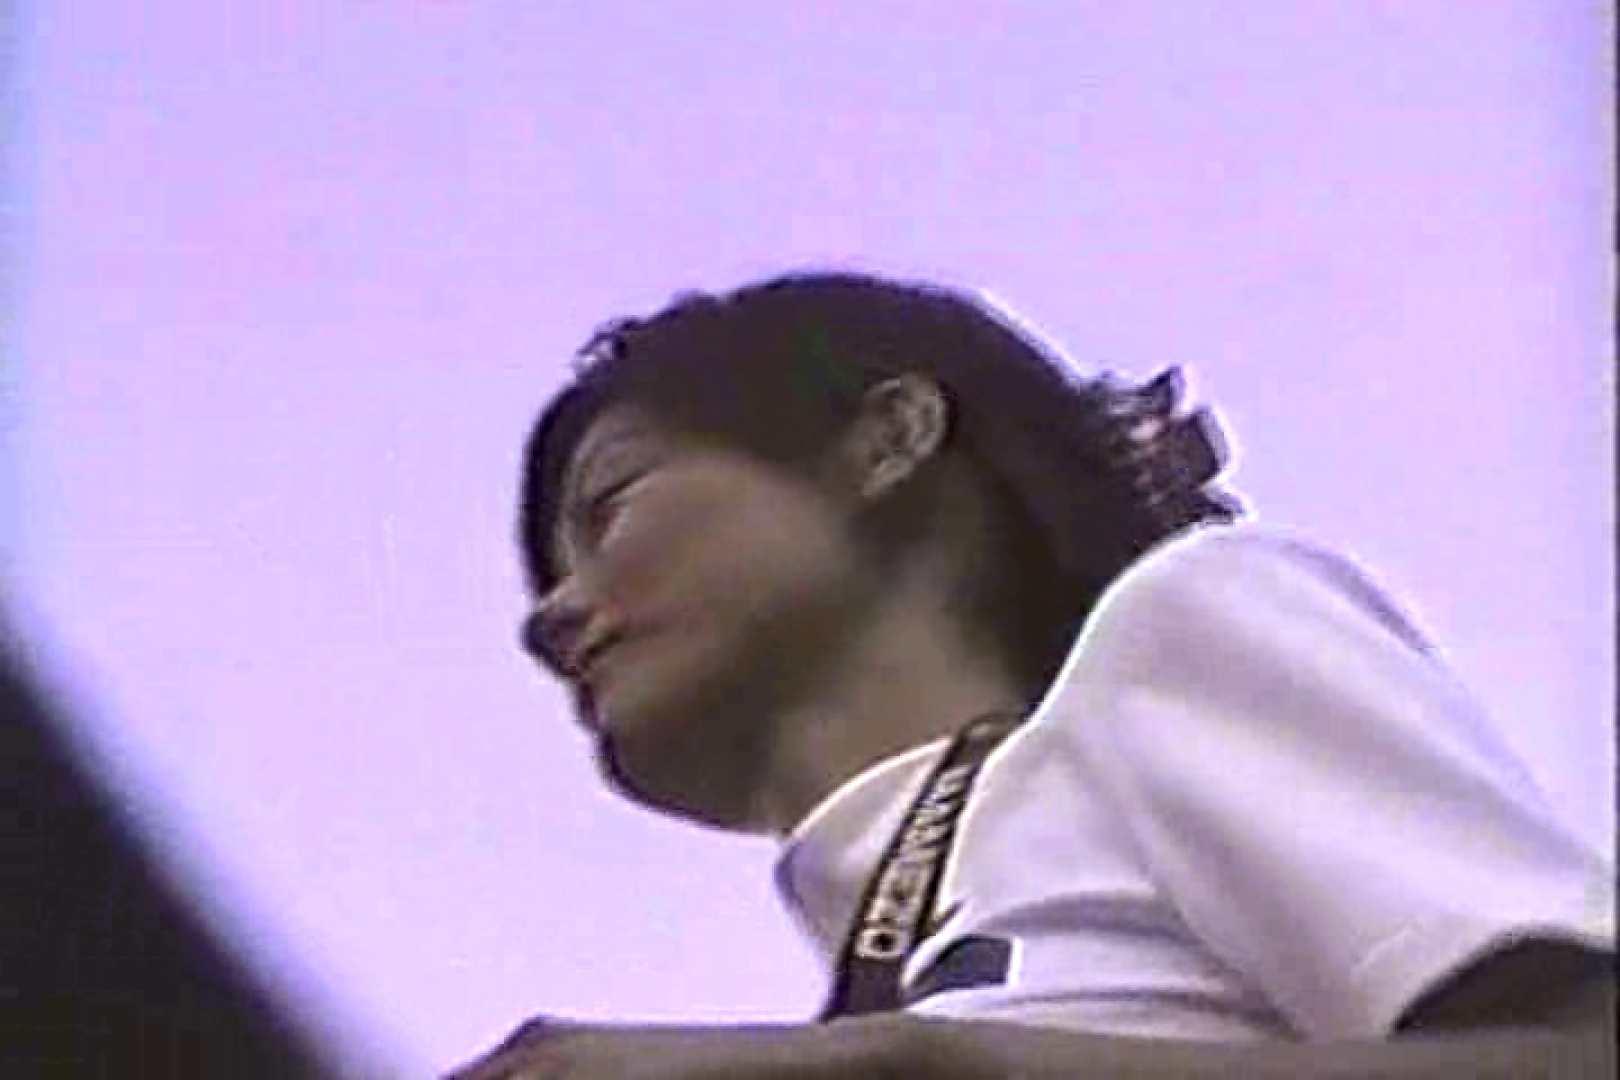 「ちくりん」さんのオリジナル未編集パンチラVol.1_01 チラ   エロティックなOL  95画像 25